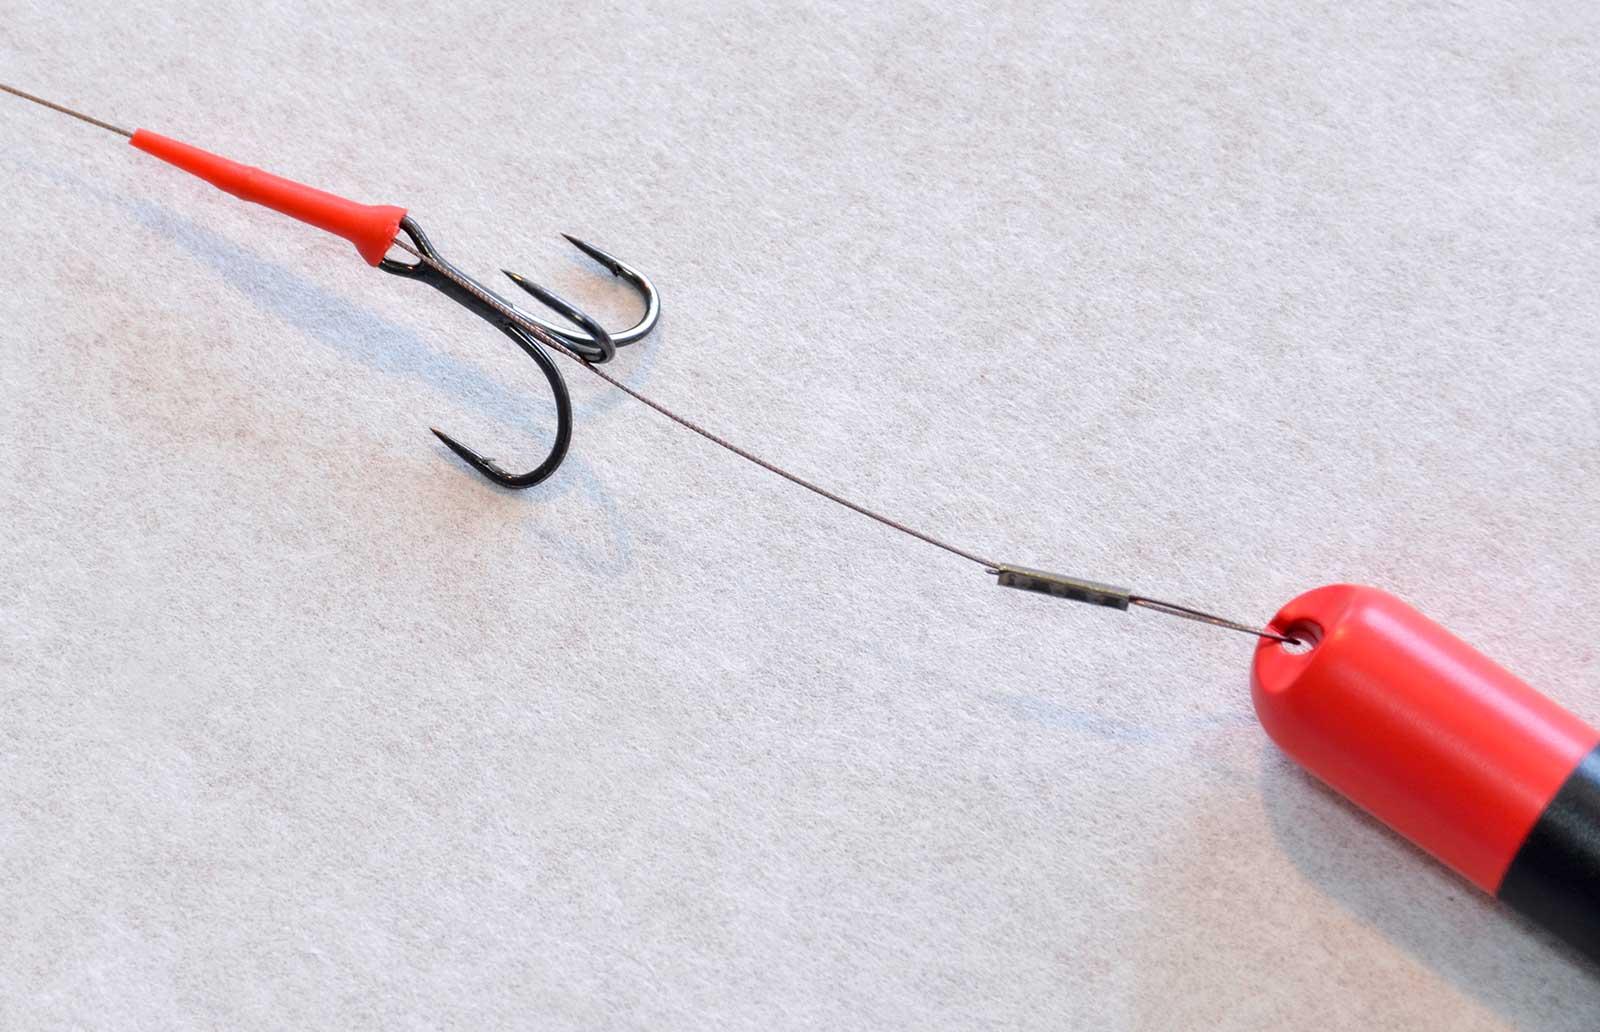 Wichtig: Den Gummischlauch muss man mit dosierter Gewalt über Hülse und Drilling schieben. Aber Vorsicht - schnell kann man sich dabei einen Haken in den Finger jagen!